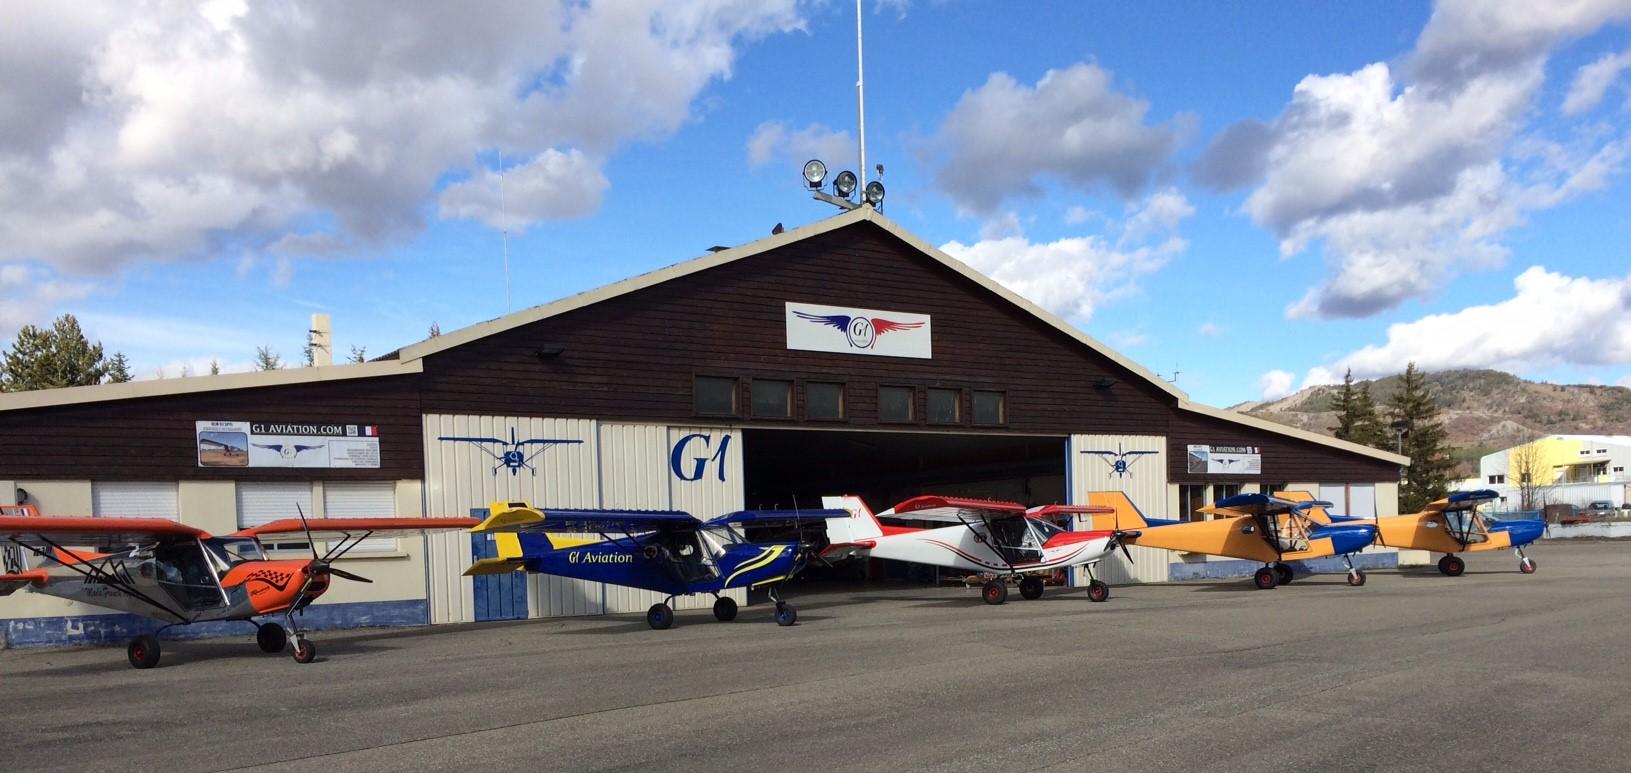 Quoi de neuf dans le ciel de G1 Aviation ?